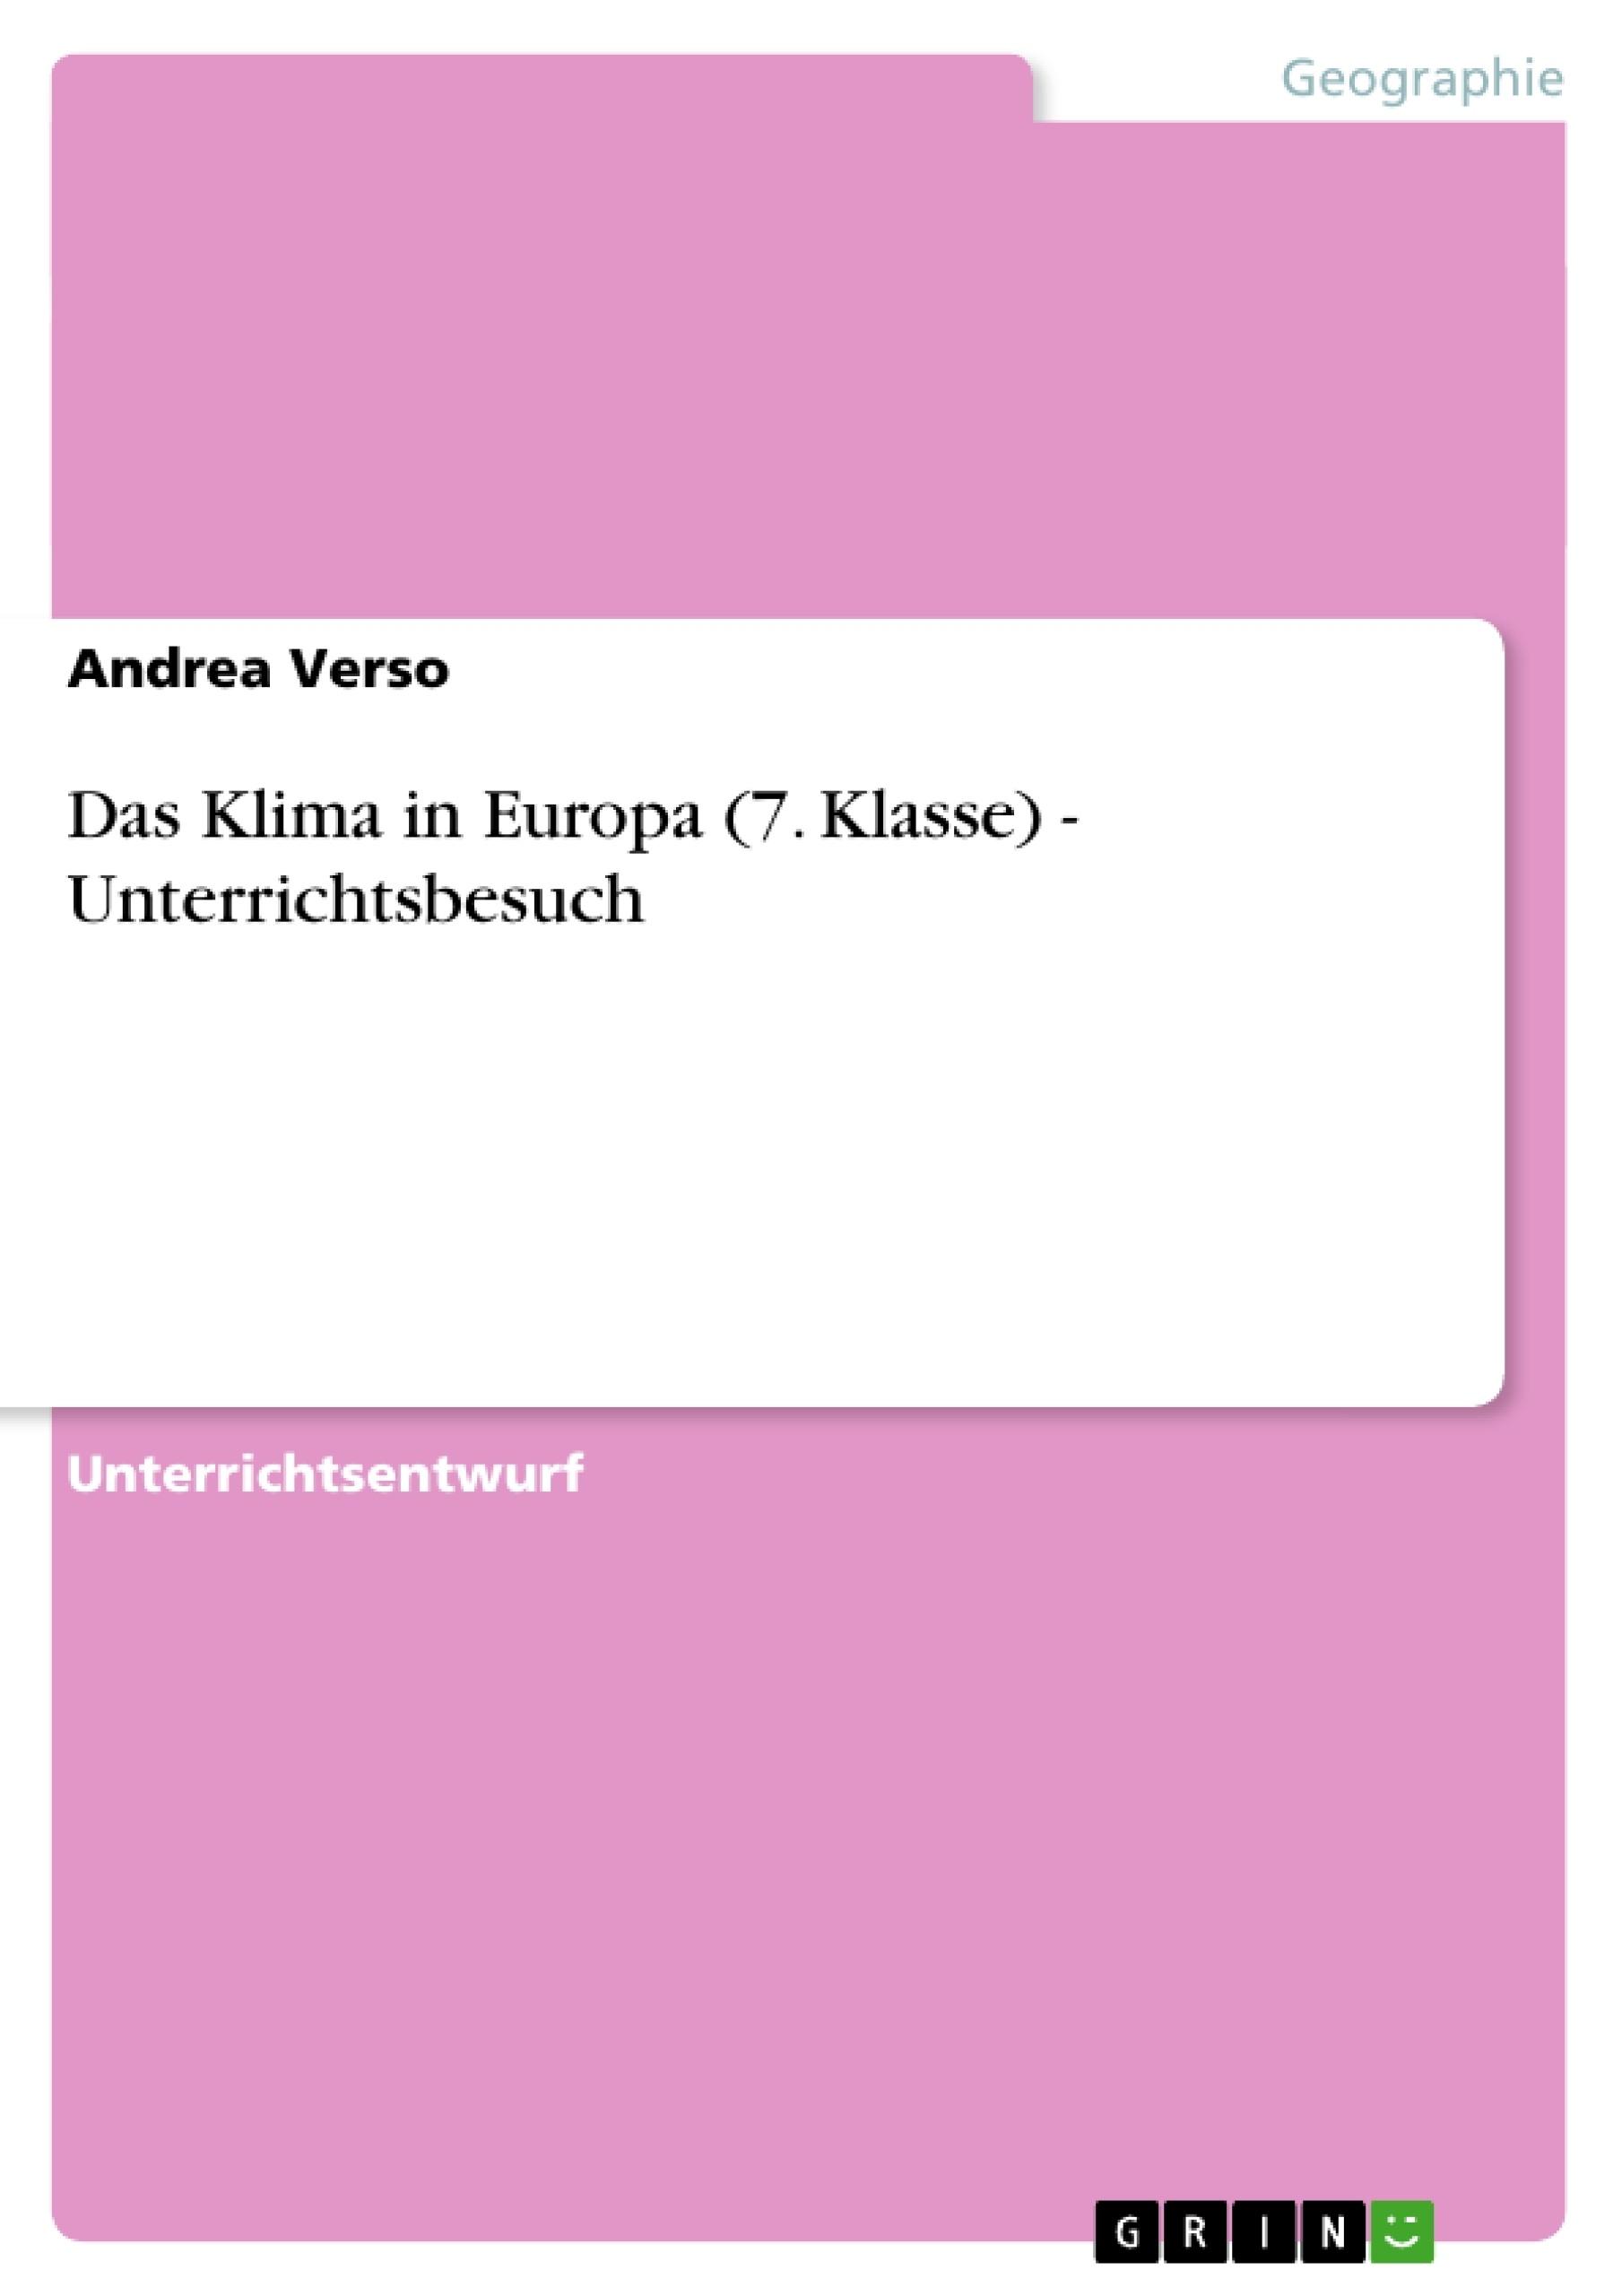 Titel: Das Klima in Europa (7. Klasse) - Unterrichtsbesuch